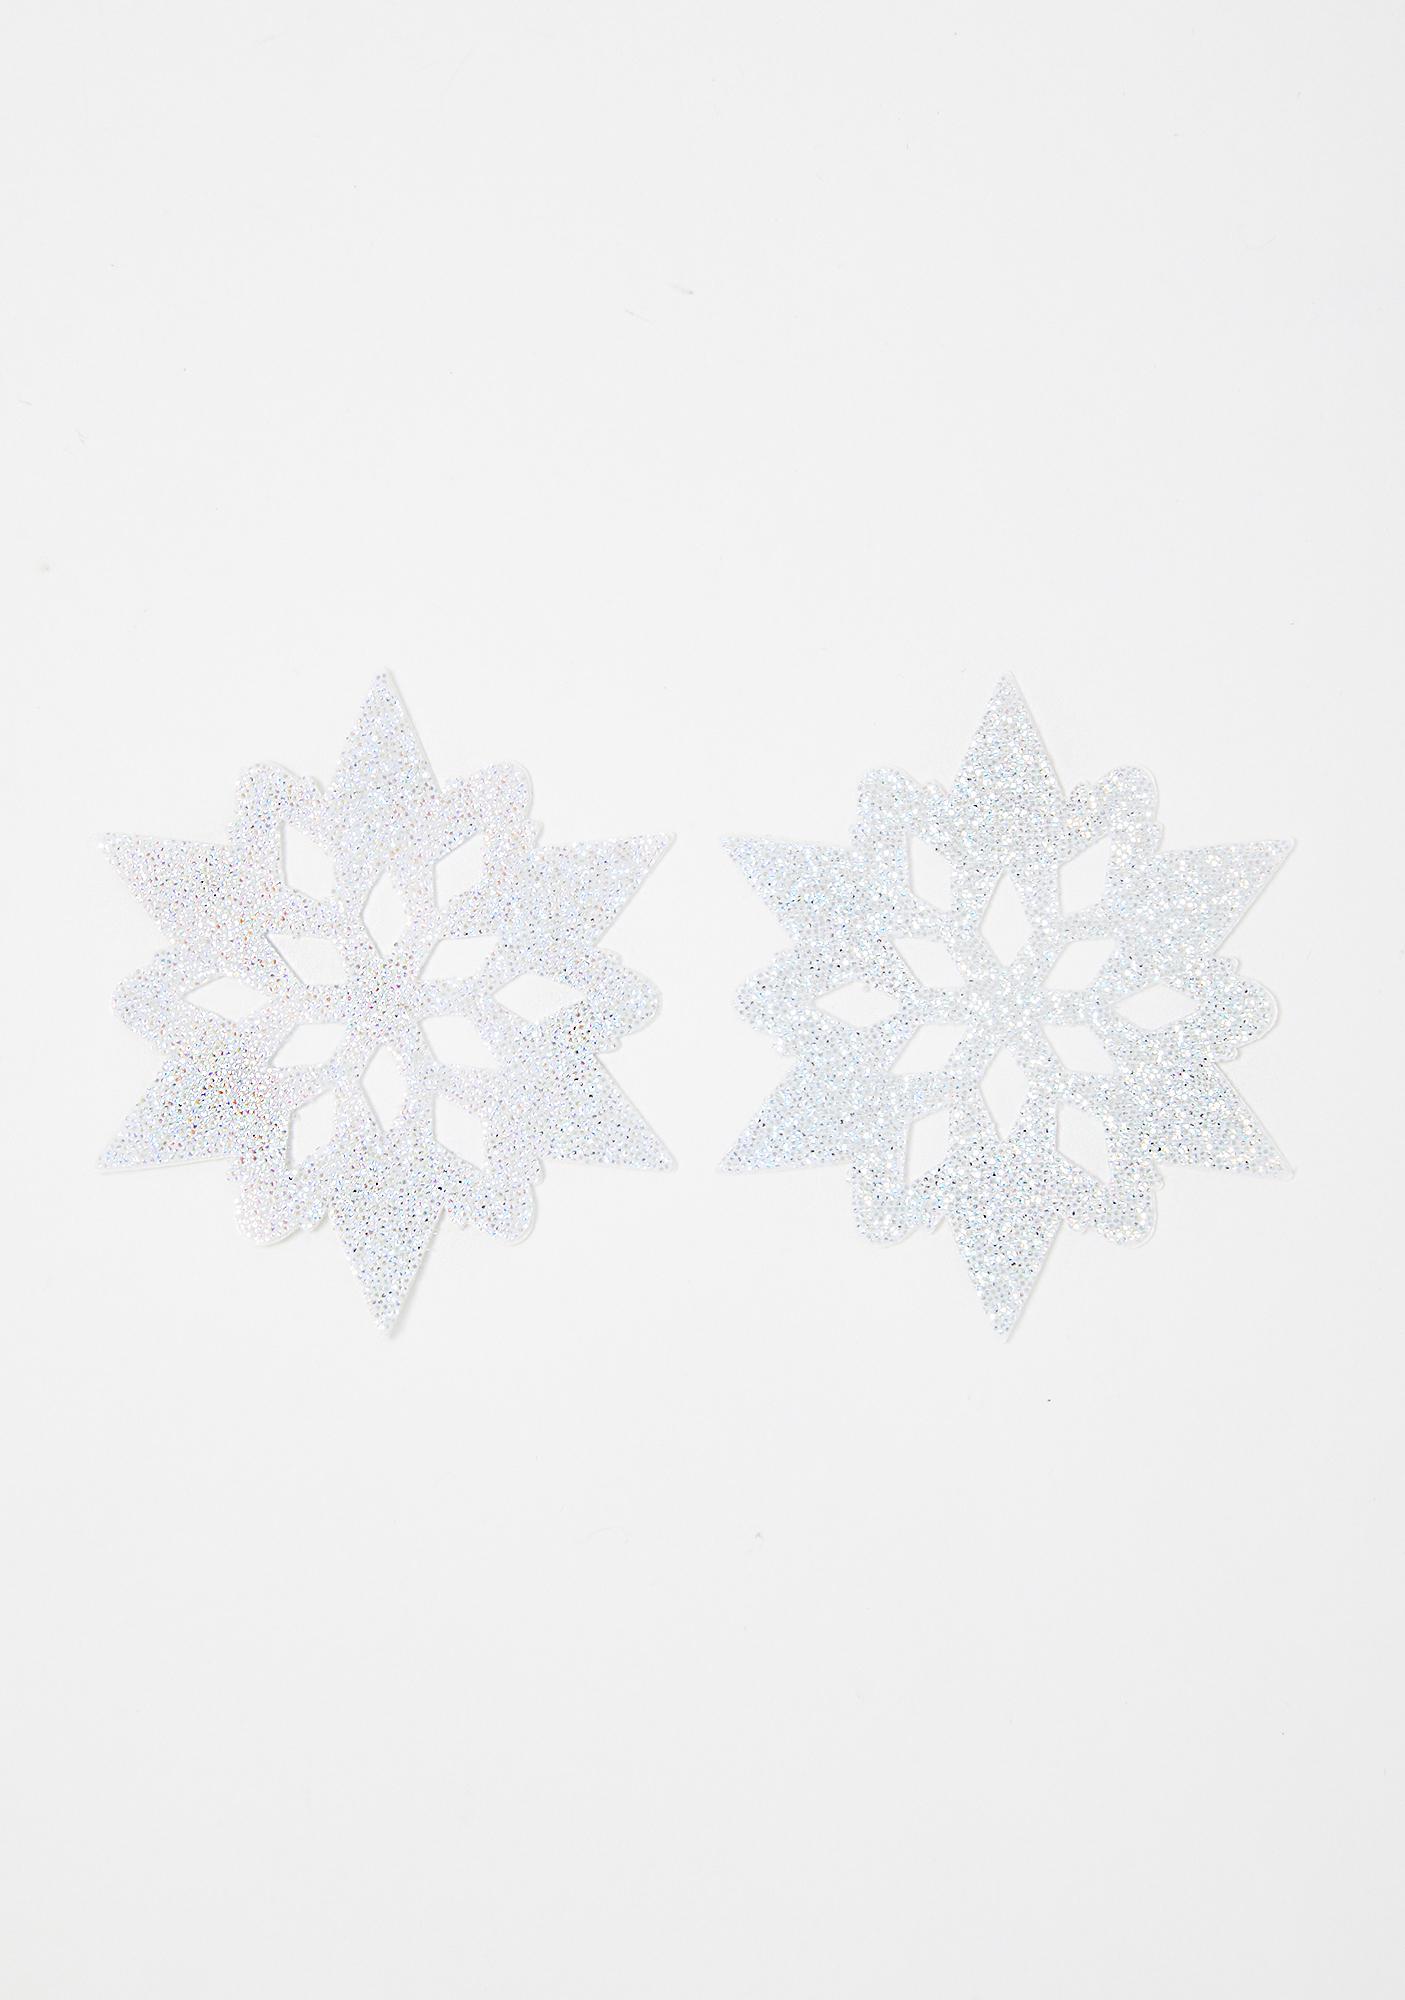 Pastease Snow White Glitter Snowflake Pasties